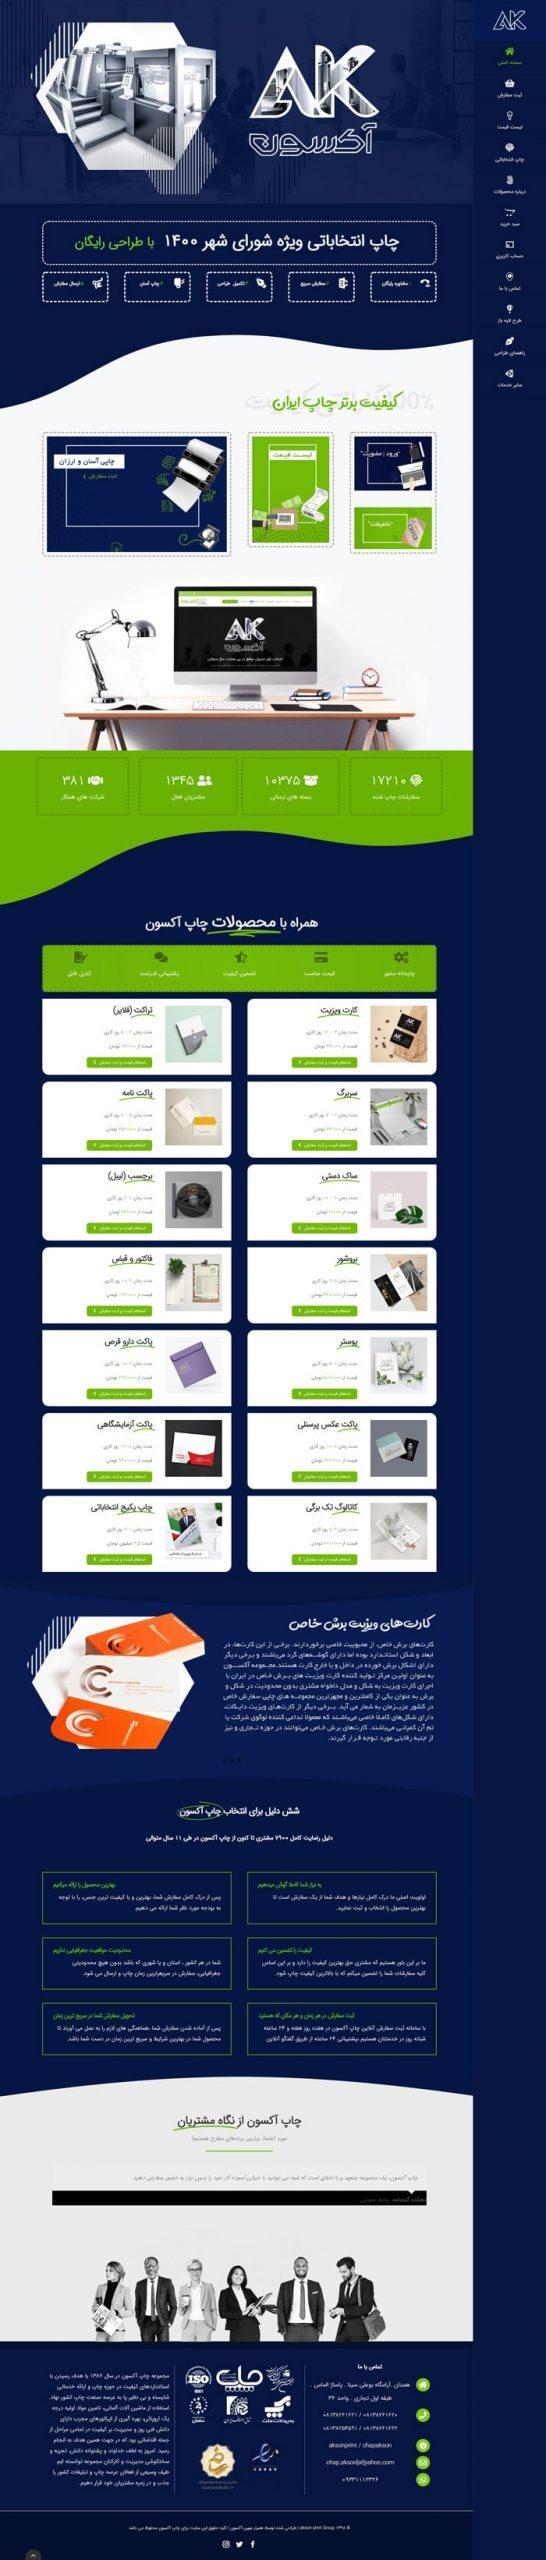 طراحی سایت چاپ آکسون